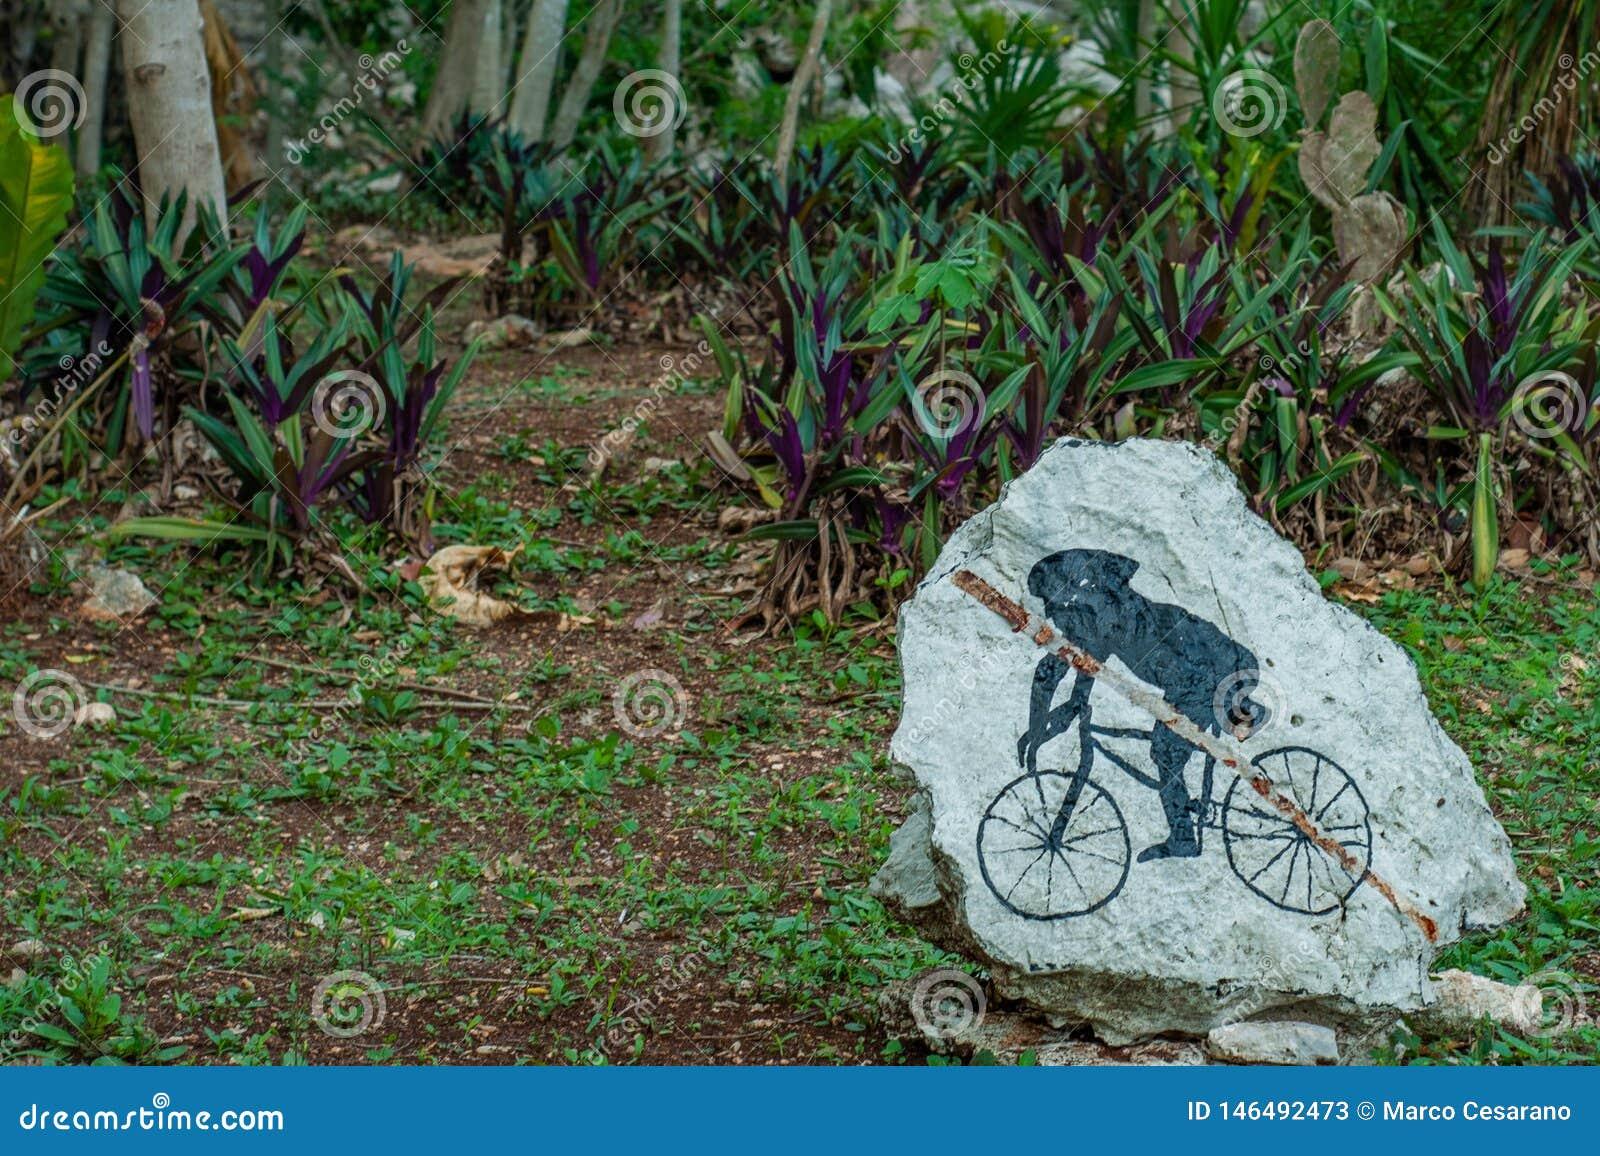 Roca restaurada, representando una Maya joven en una bicicleta, admitida las ruinas del área arqueológica de Ek Balam